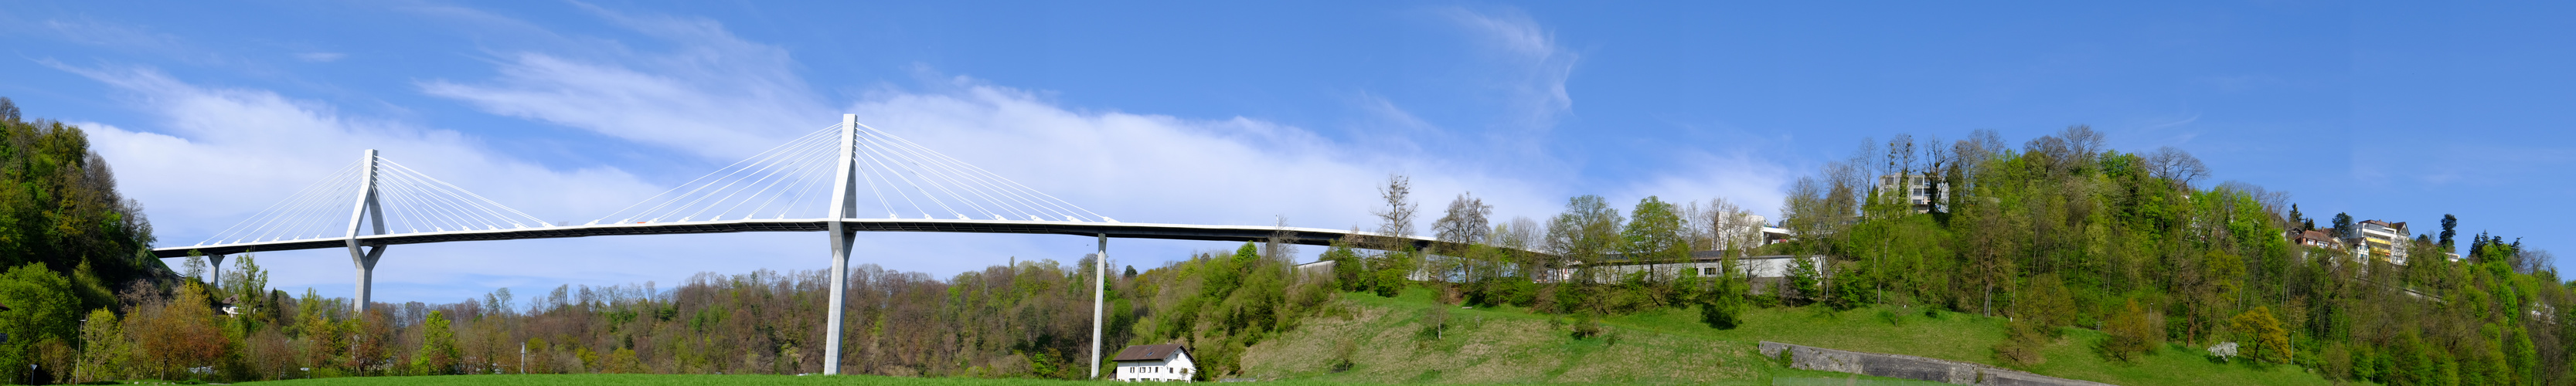 Poyabrücke in Freiburg CH